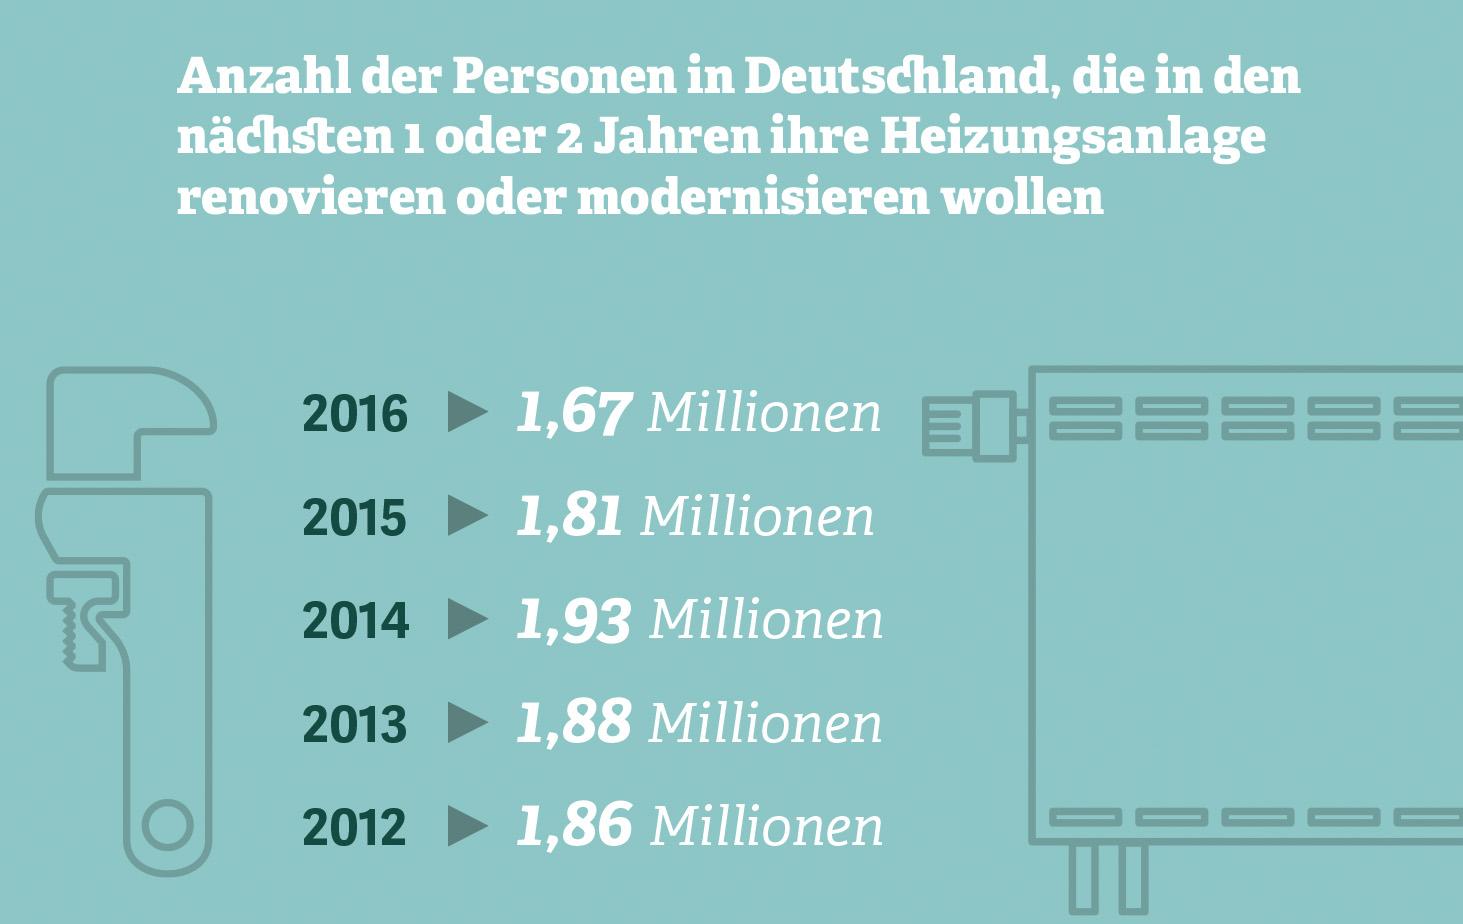 Grafik: Anzahl der Personen in Deutschland, die ihre Heizungsanlage renovieren oder modernisieren wollen.